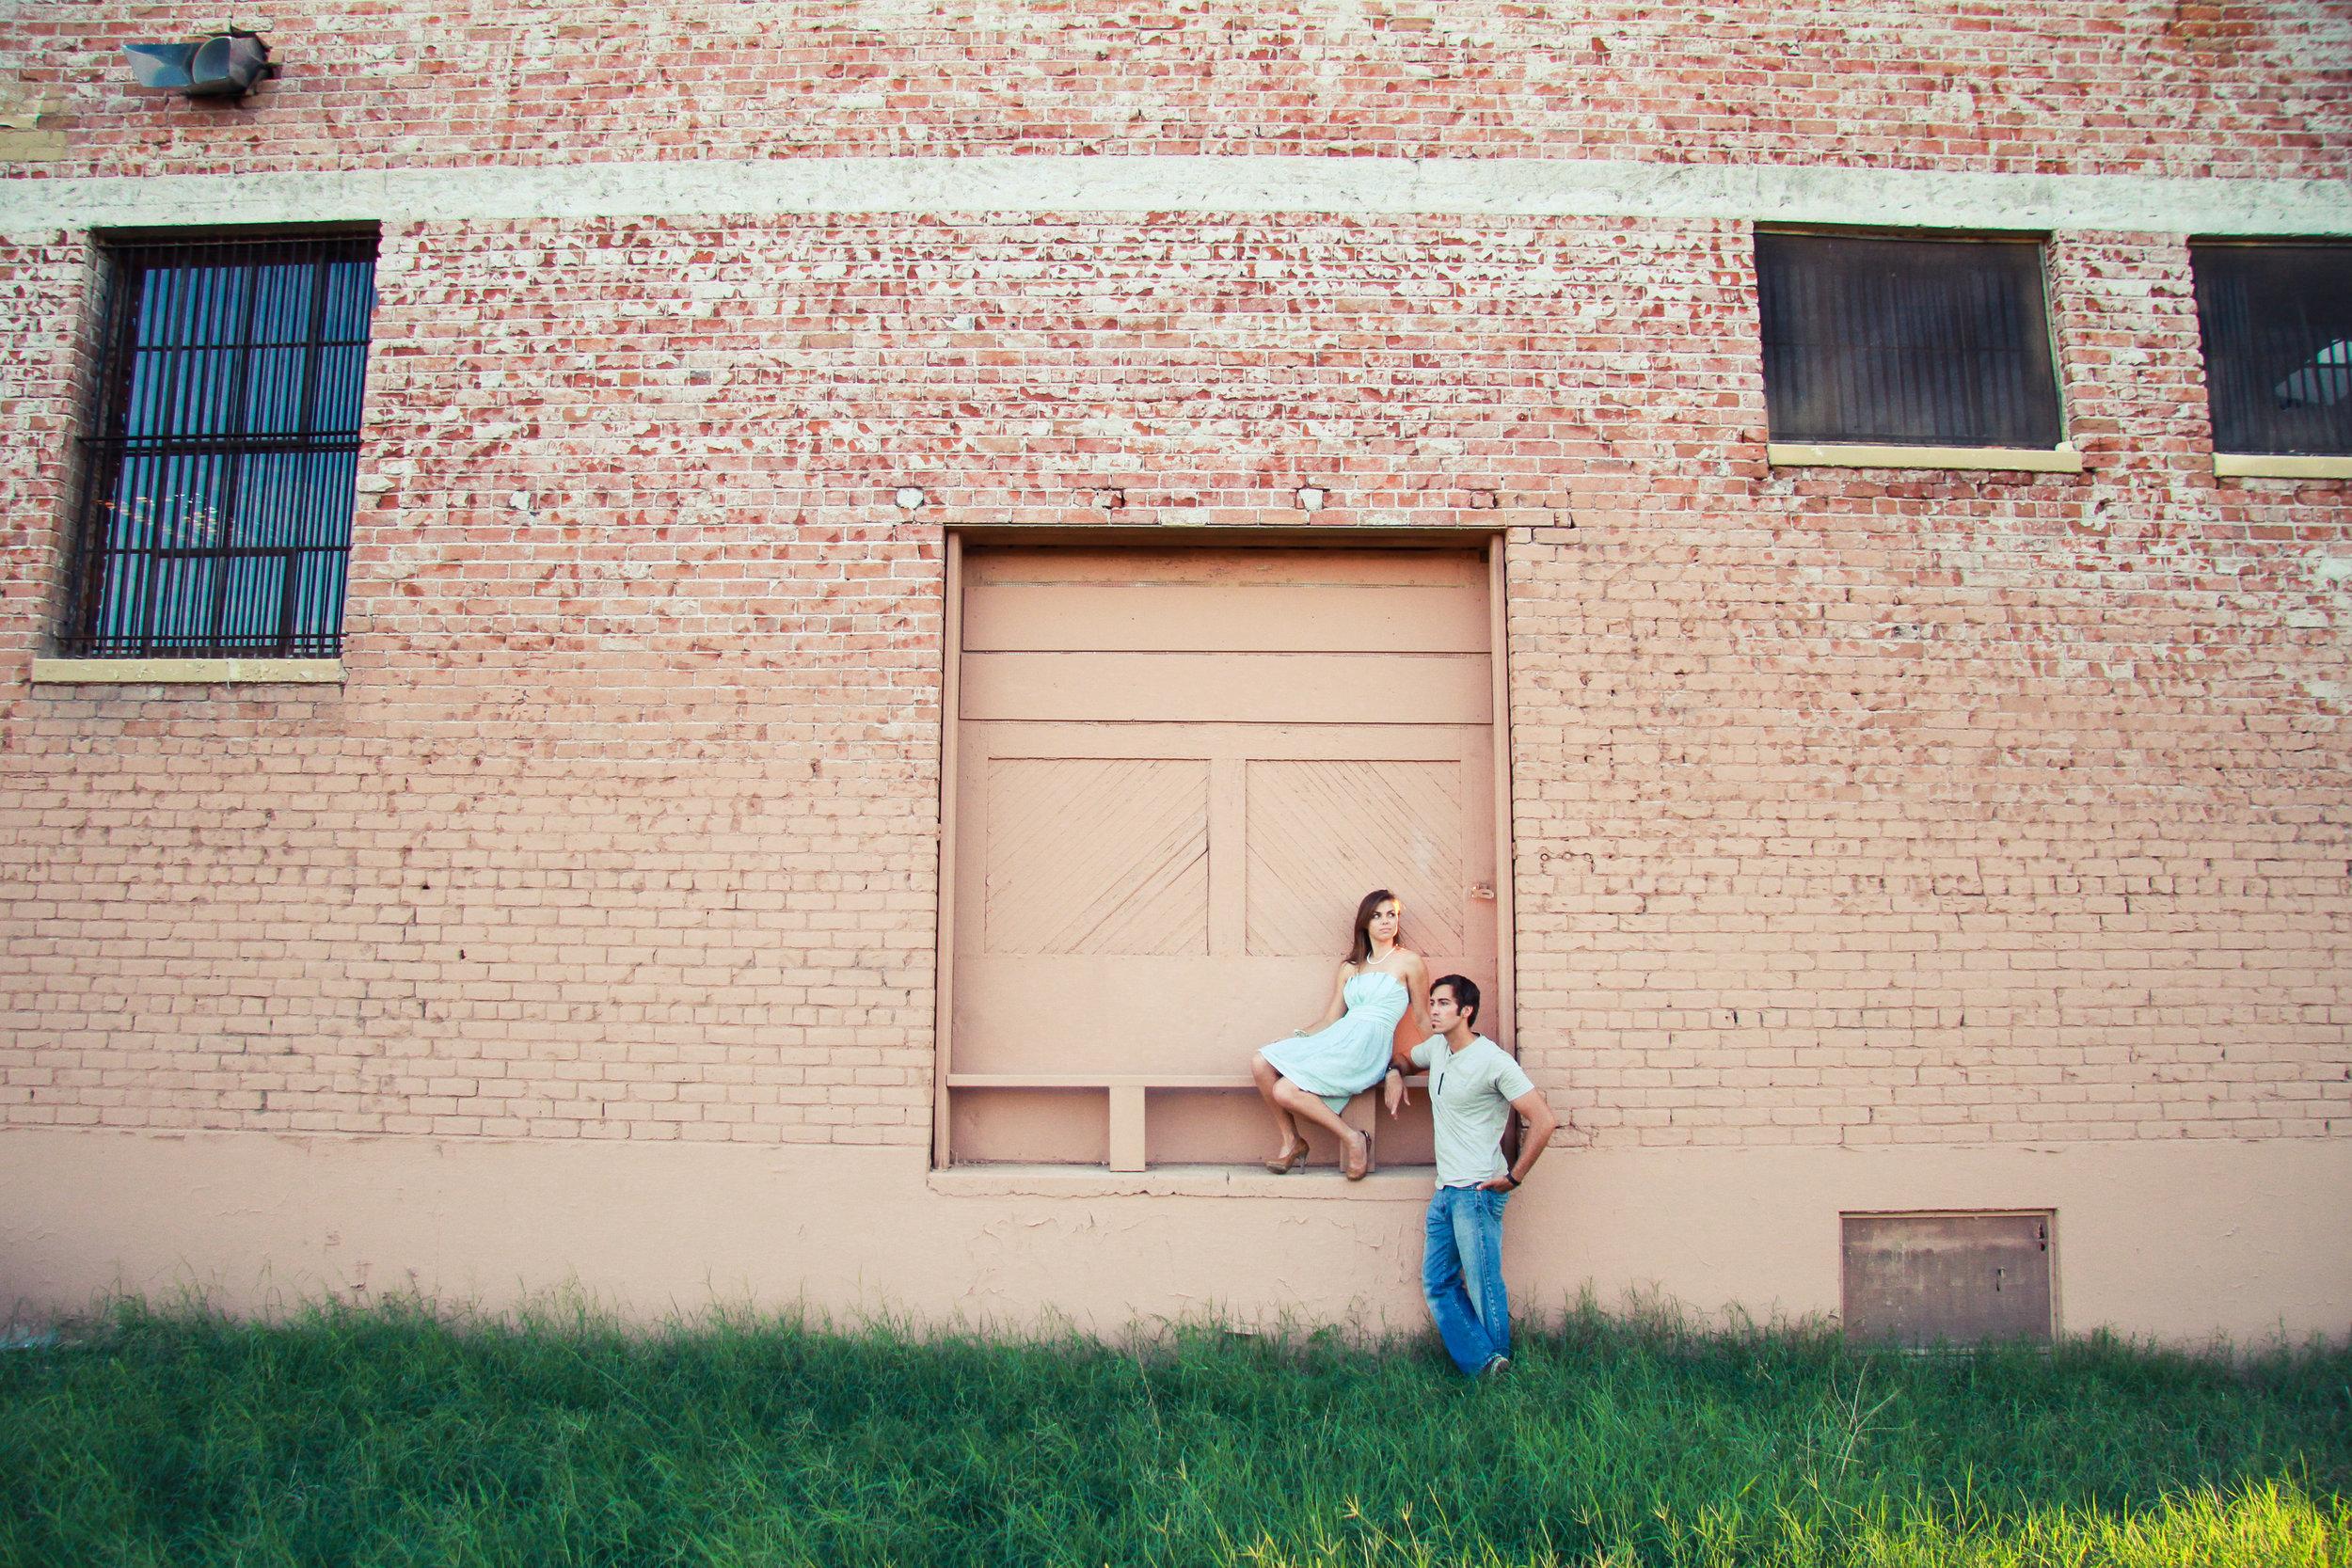 12_08_23_Noel&Xiona-373.jpg